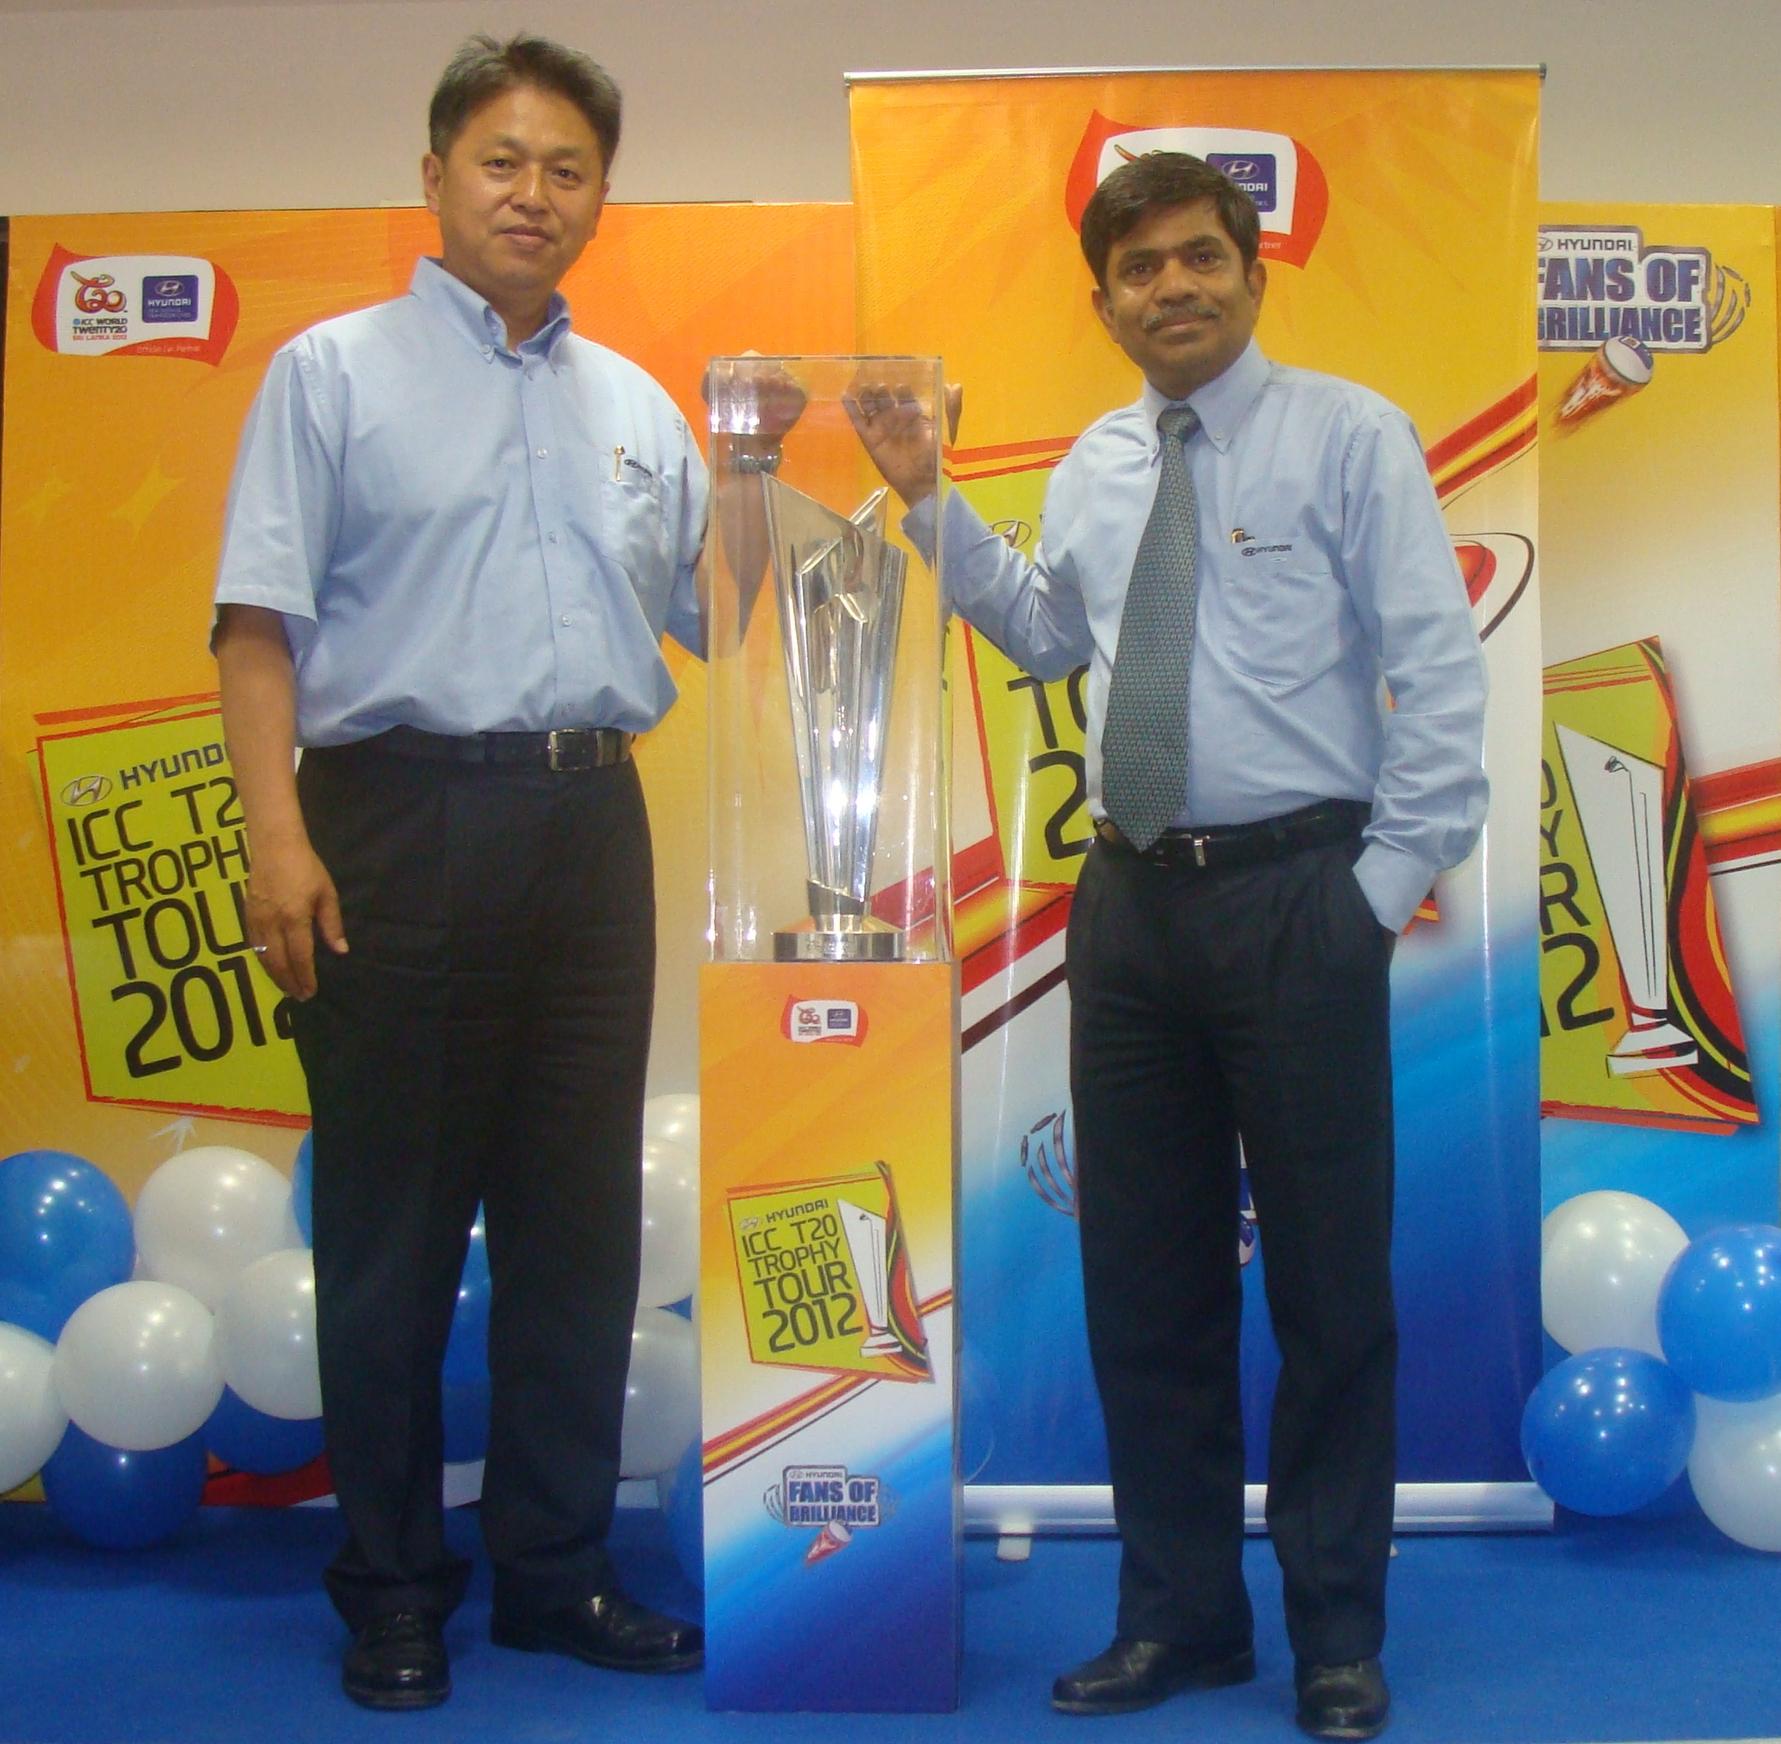 Hyundai the Official Partner for 'ICC World Twenty20′ announces 'Trophy Tour'